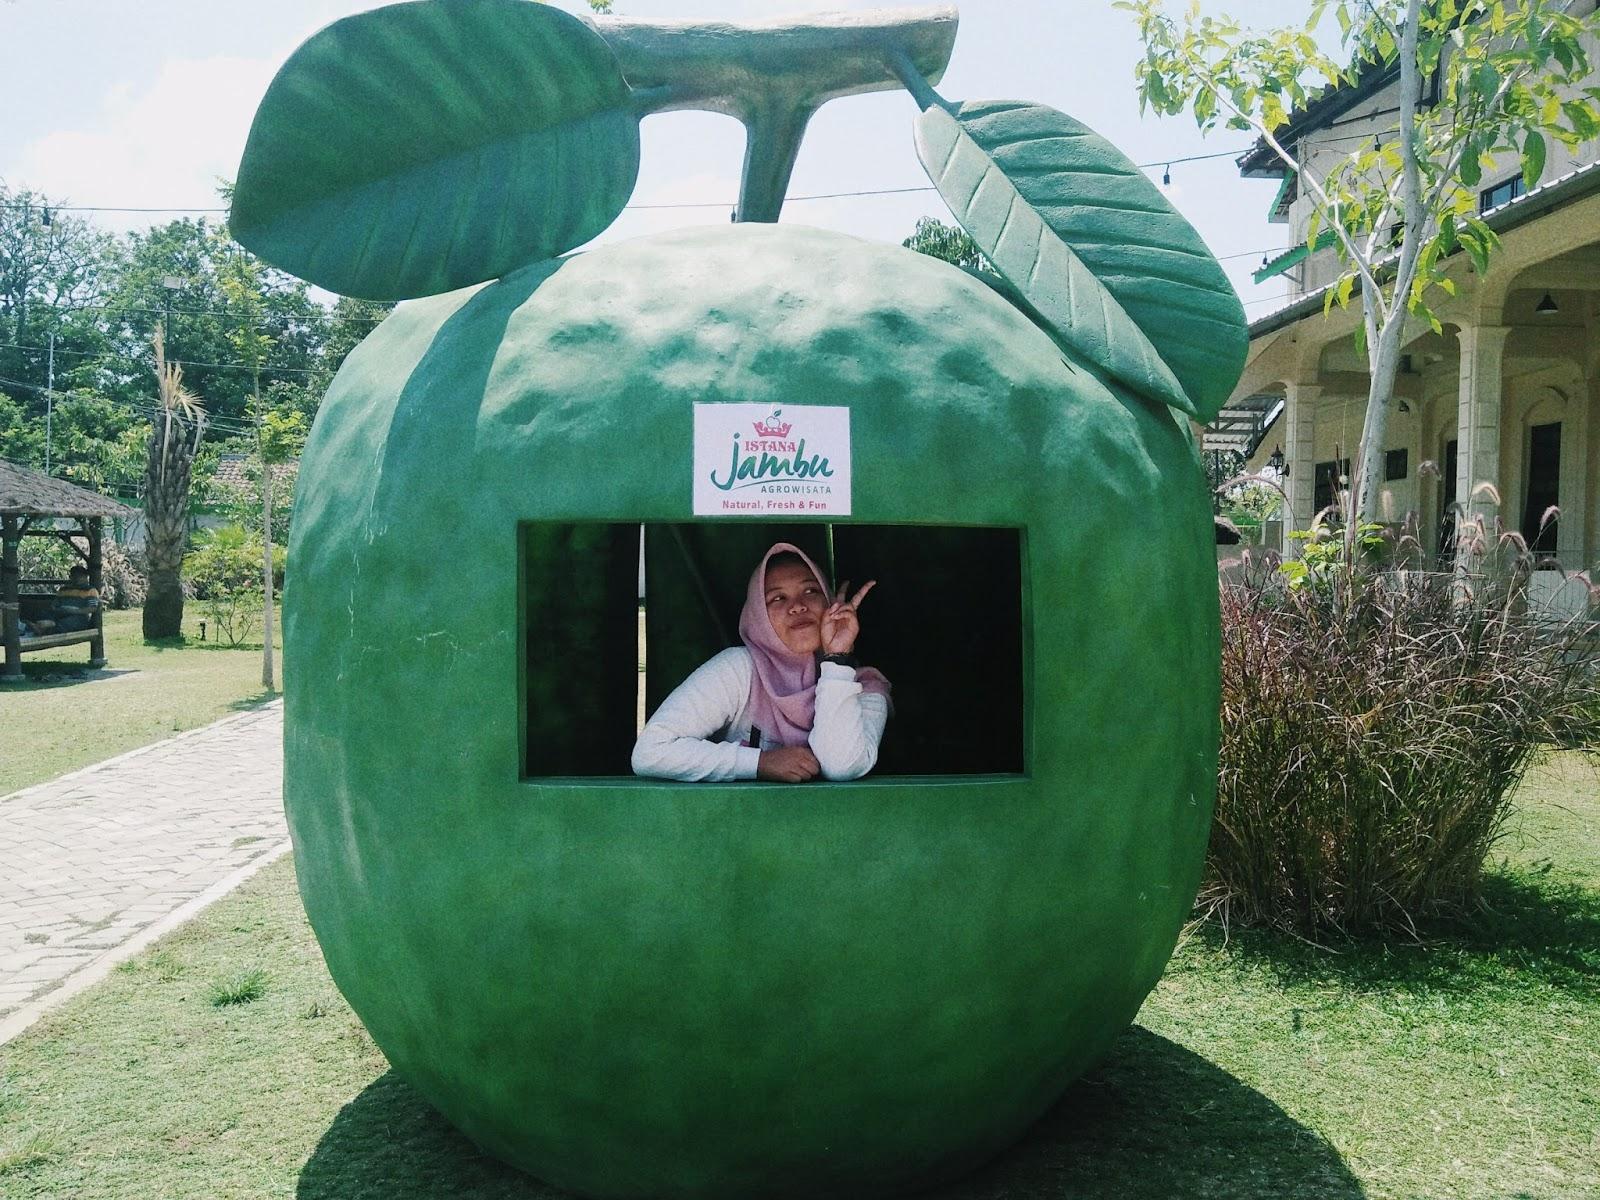 Anggiaf Lokasi Istana Jambu Kediri Berlokasi Jalan Raya Nganjuk 108